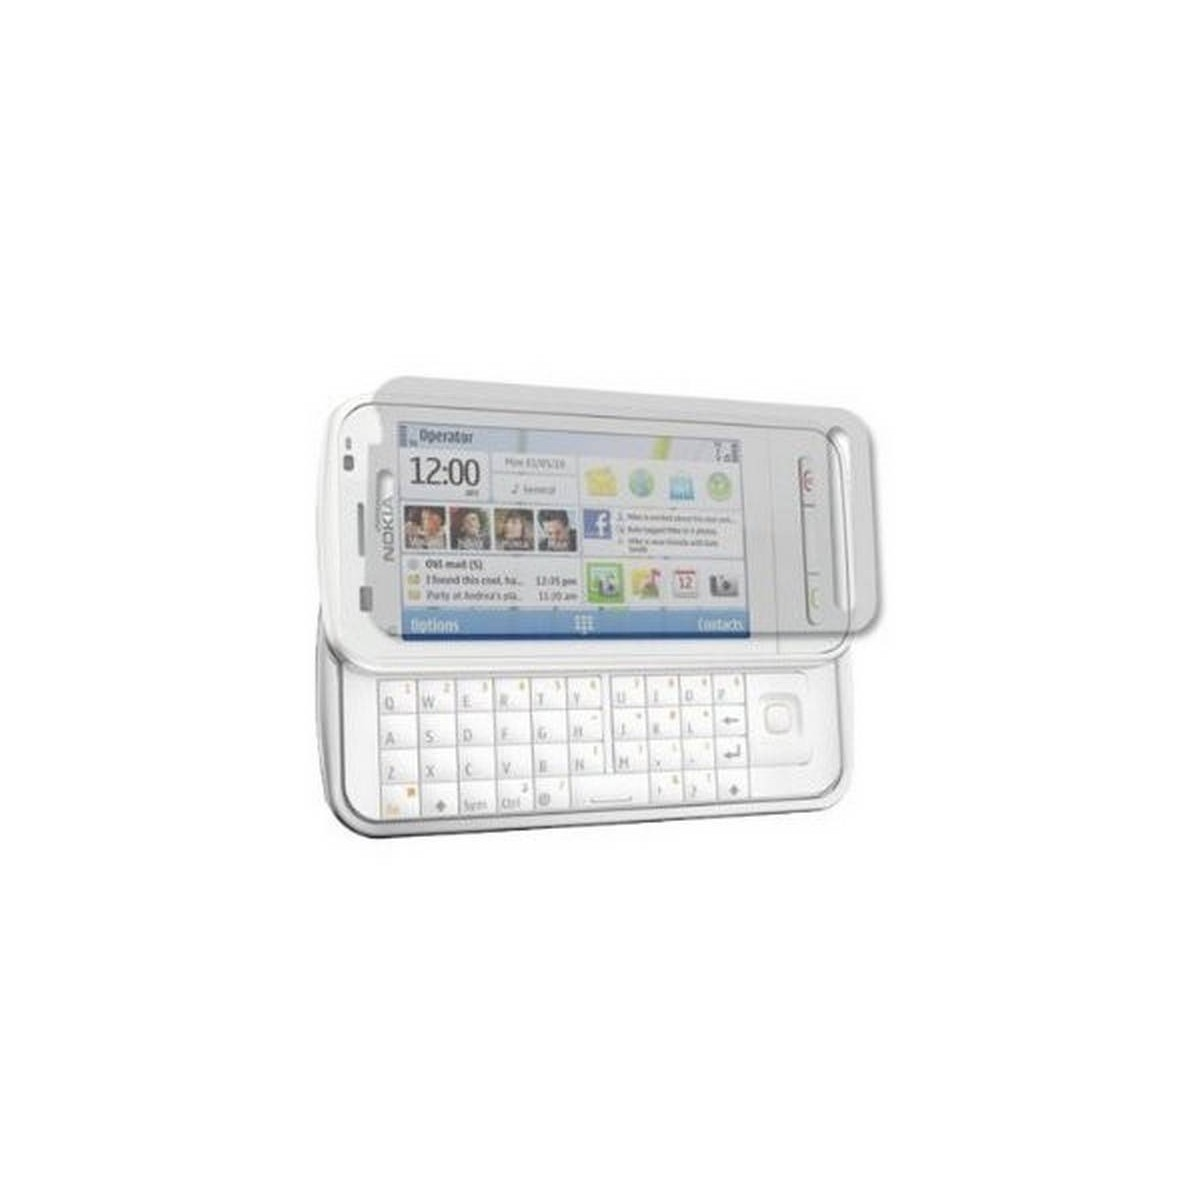 Protector Nokia C6